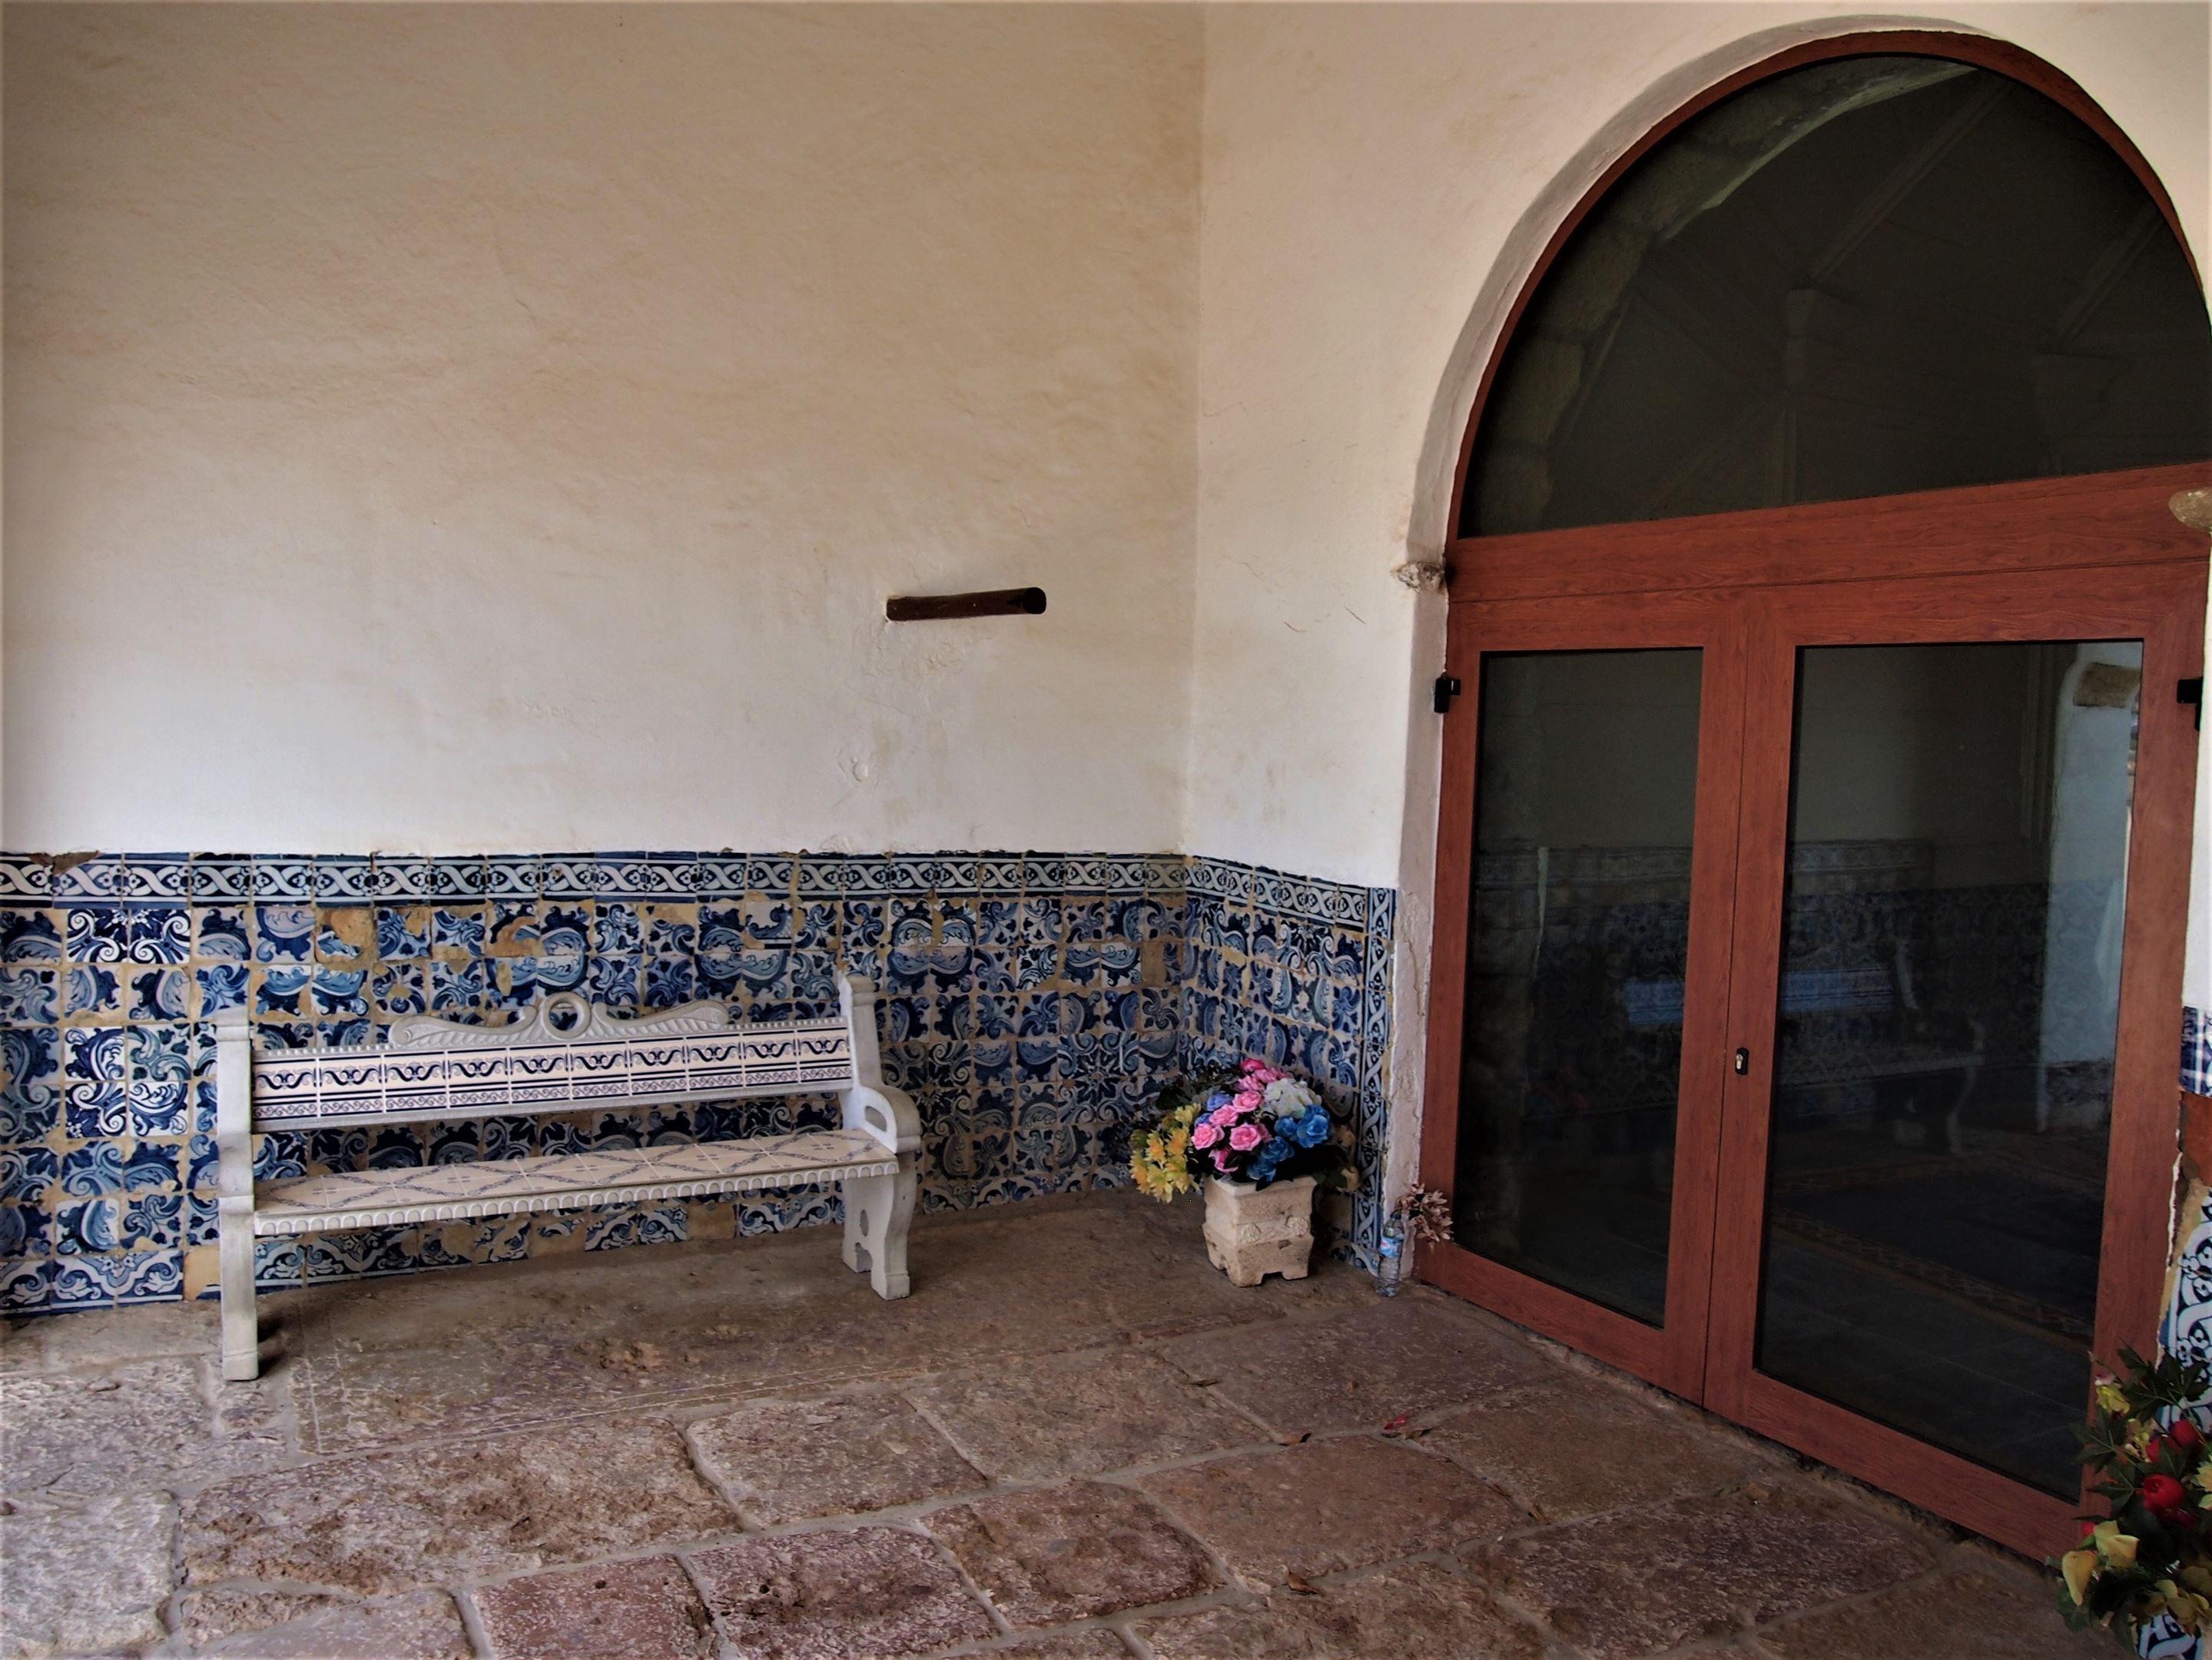 Entrada da Nossa Senhora da Rocha, Porches. No interior da Capela encontra-se o Altar.